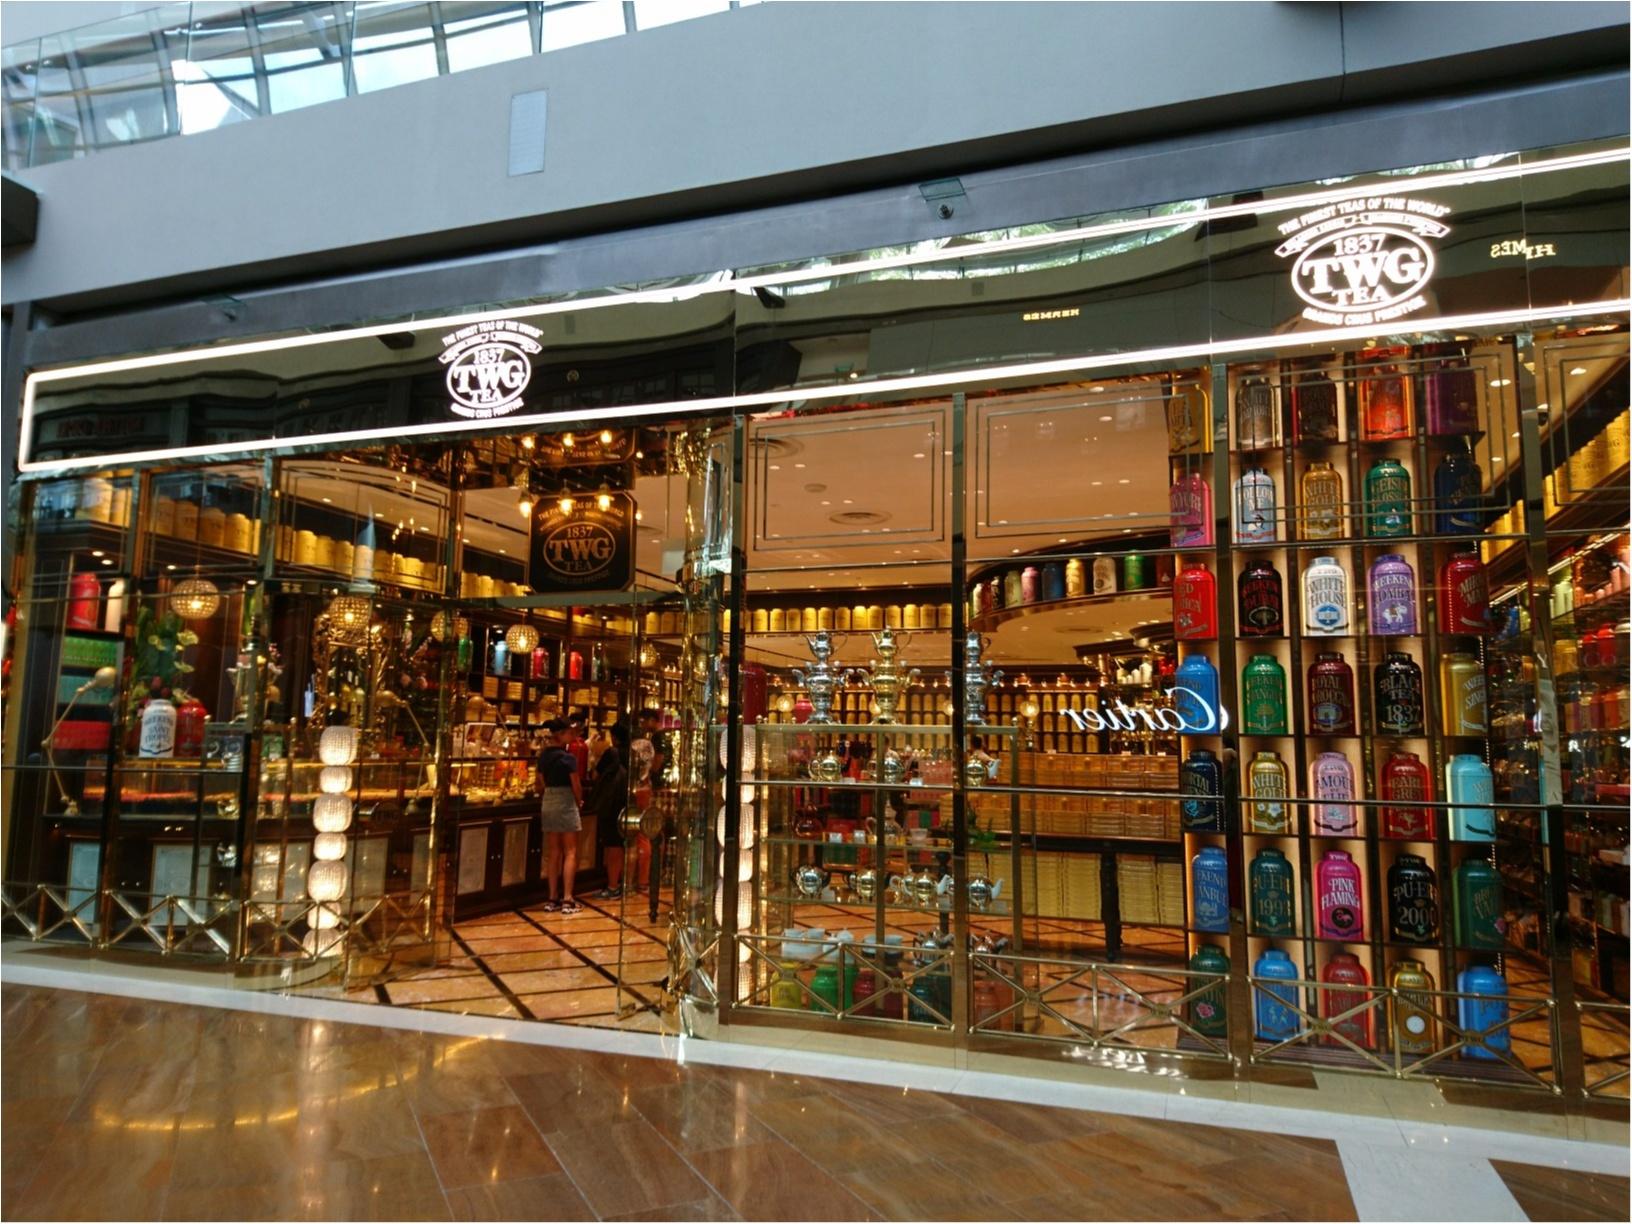 シンガポール女子旅特集 - 人気のマリーナベイ・サンズなどインスタ映えスポット、おいしいグルメがいっぱい♪_60